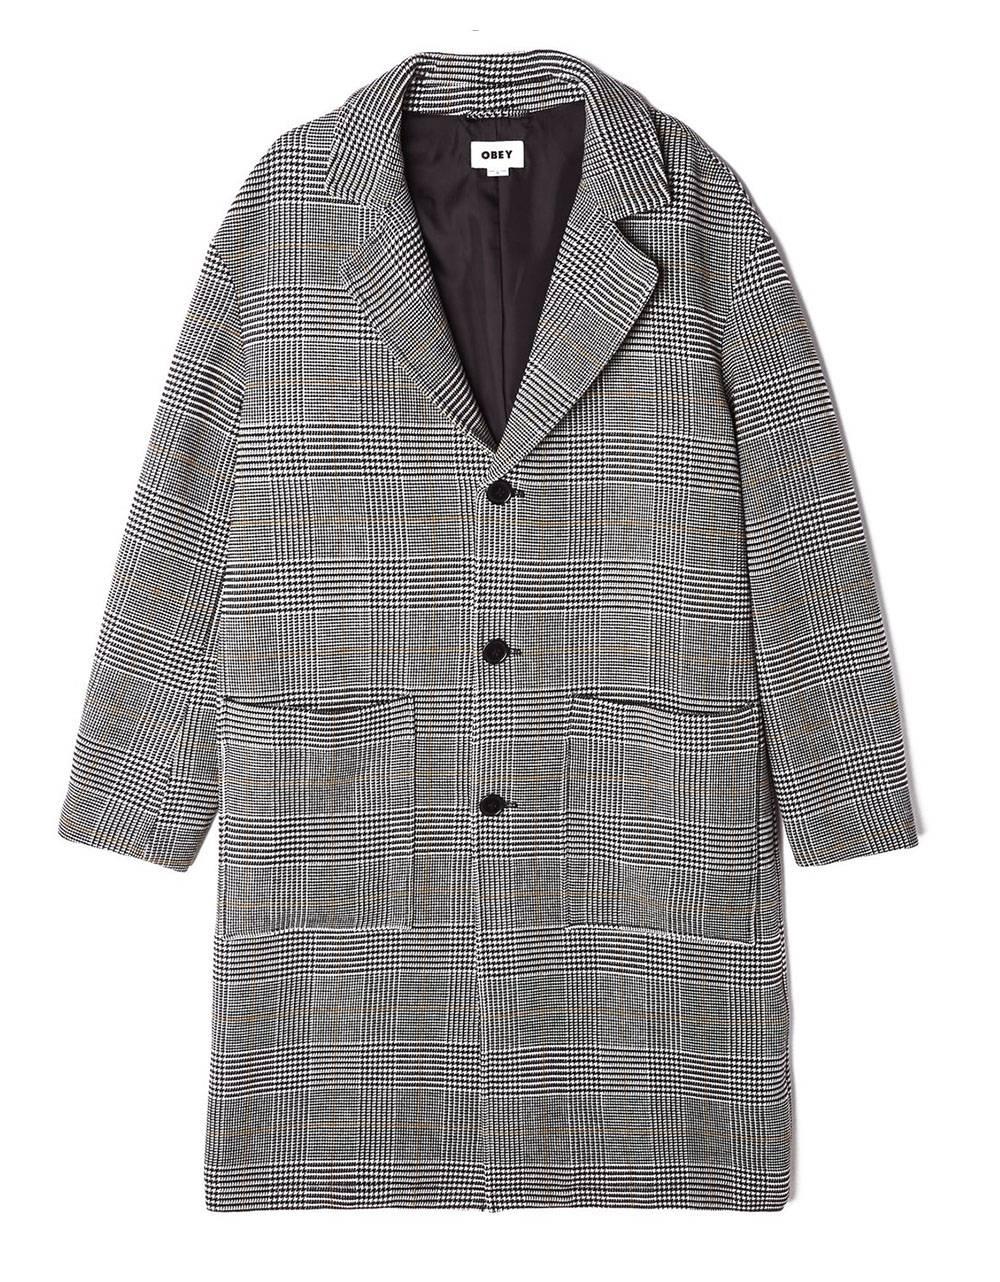 Obey Order driver coat - black multi obey Coat 217,21€